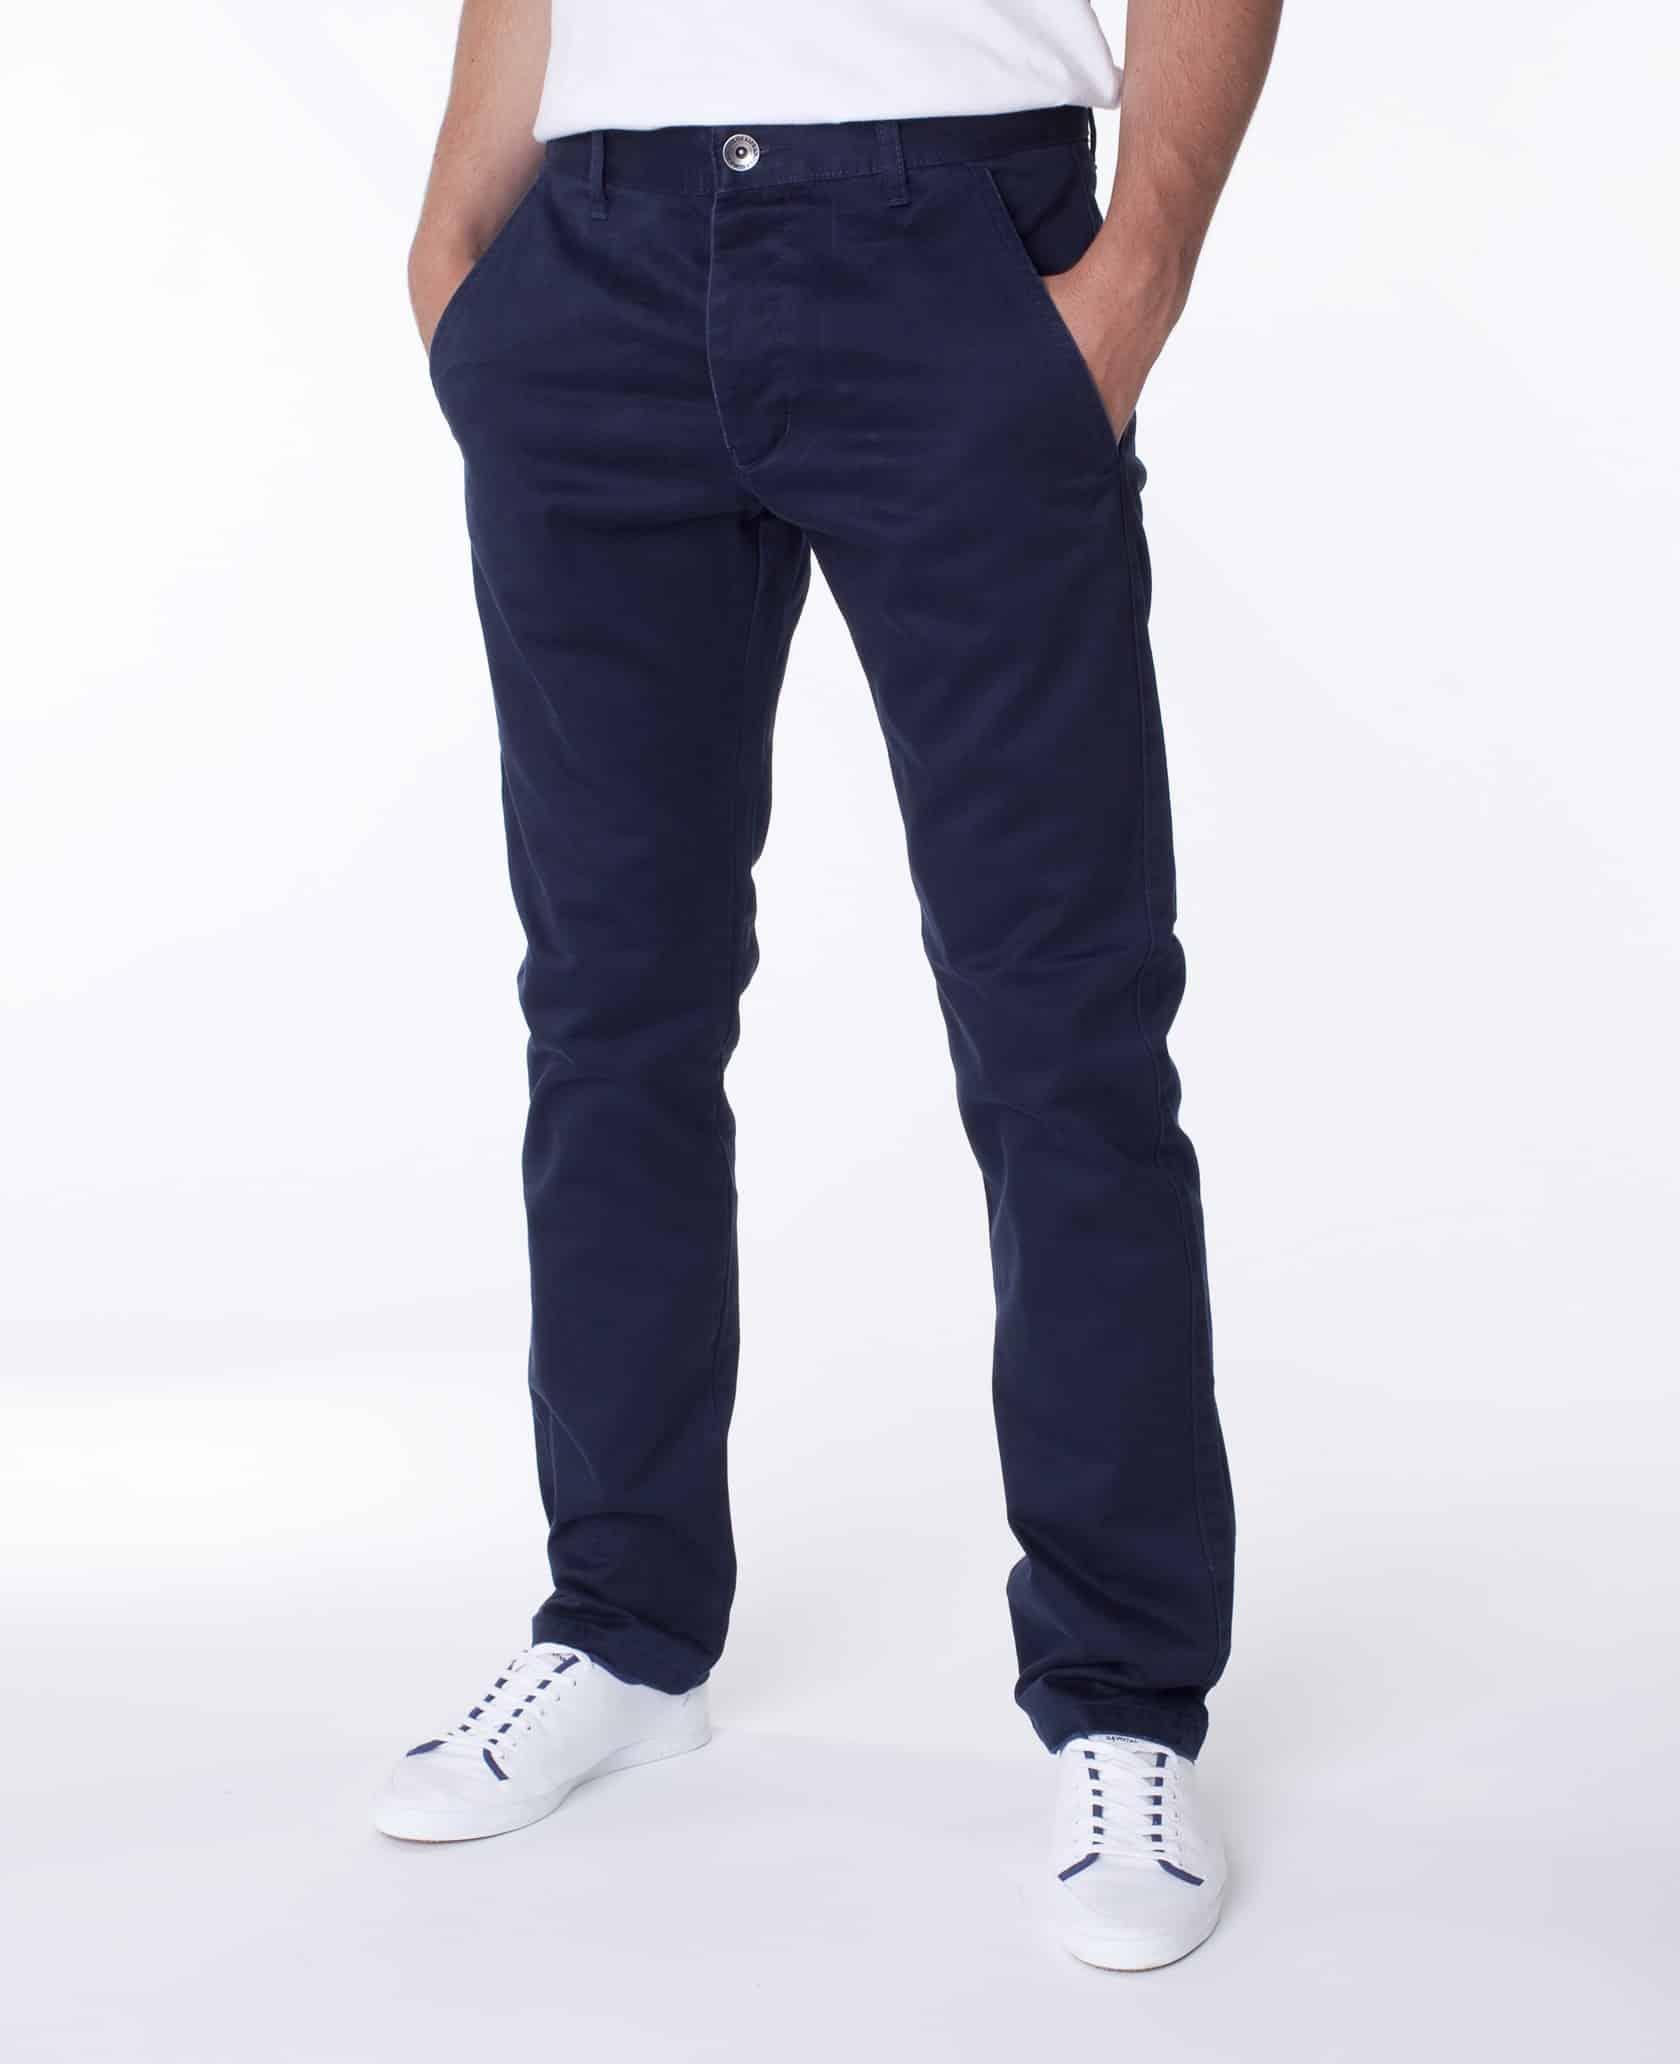 Comment choisir un pantalon homme for Pantalon interieur homme